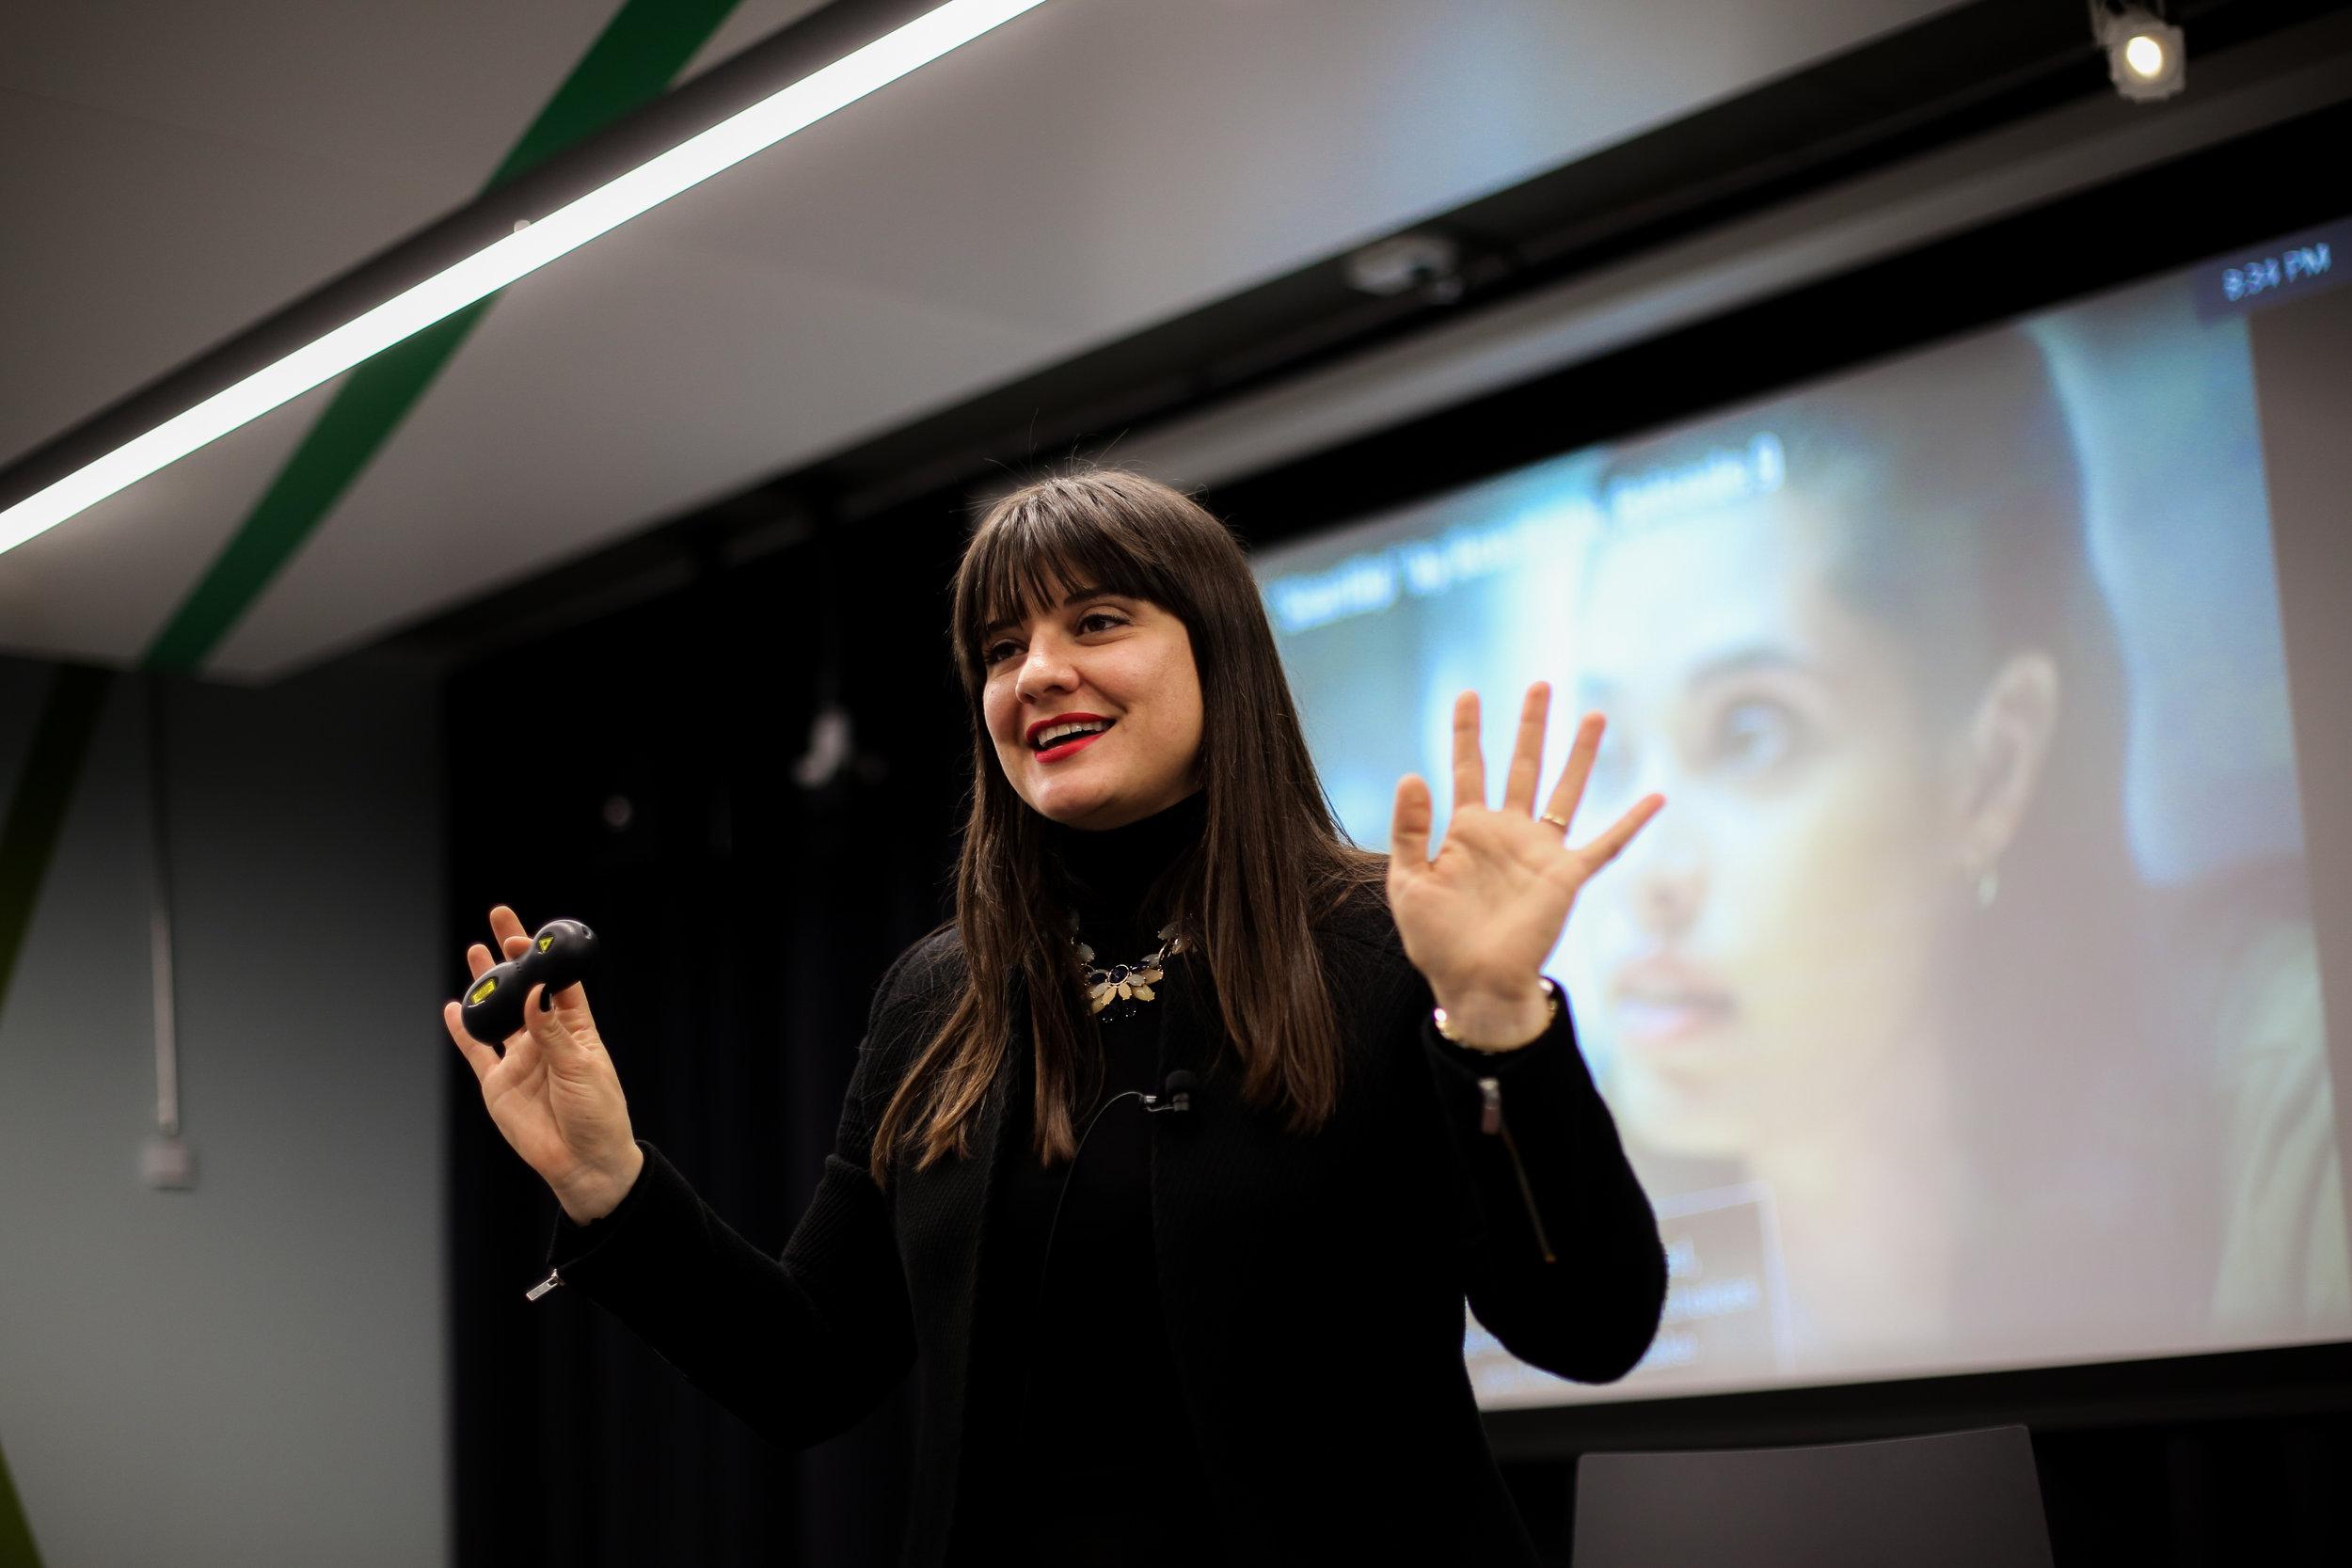 """""""Die Zukunft der Arbeit gehört den Menschen."""" - Dr. Tina Ruseva, Veranstalterin BIG & GROWING"""